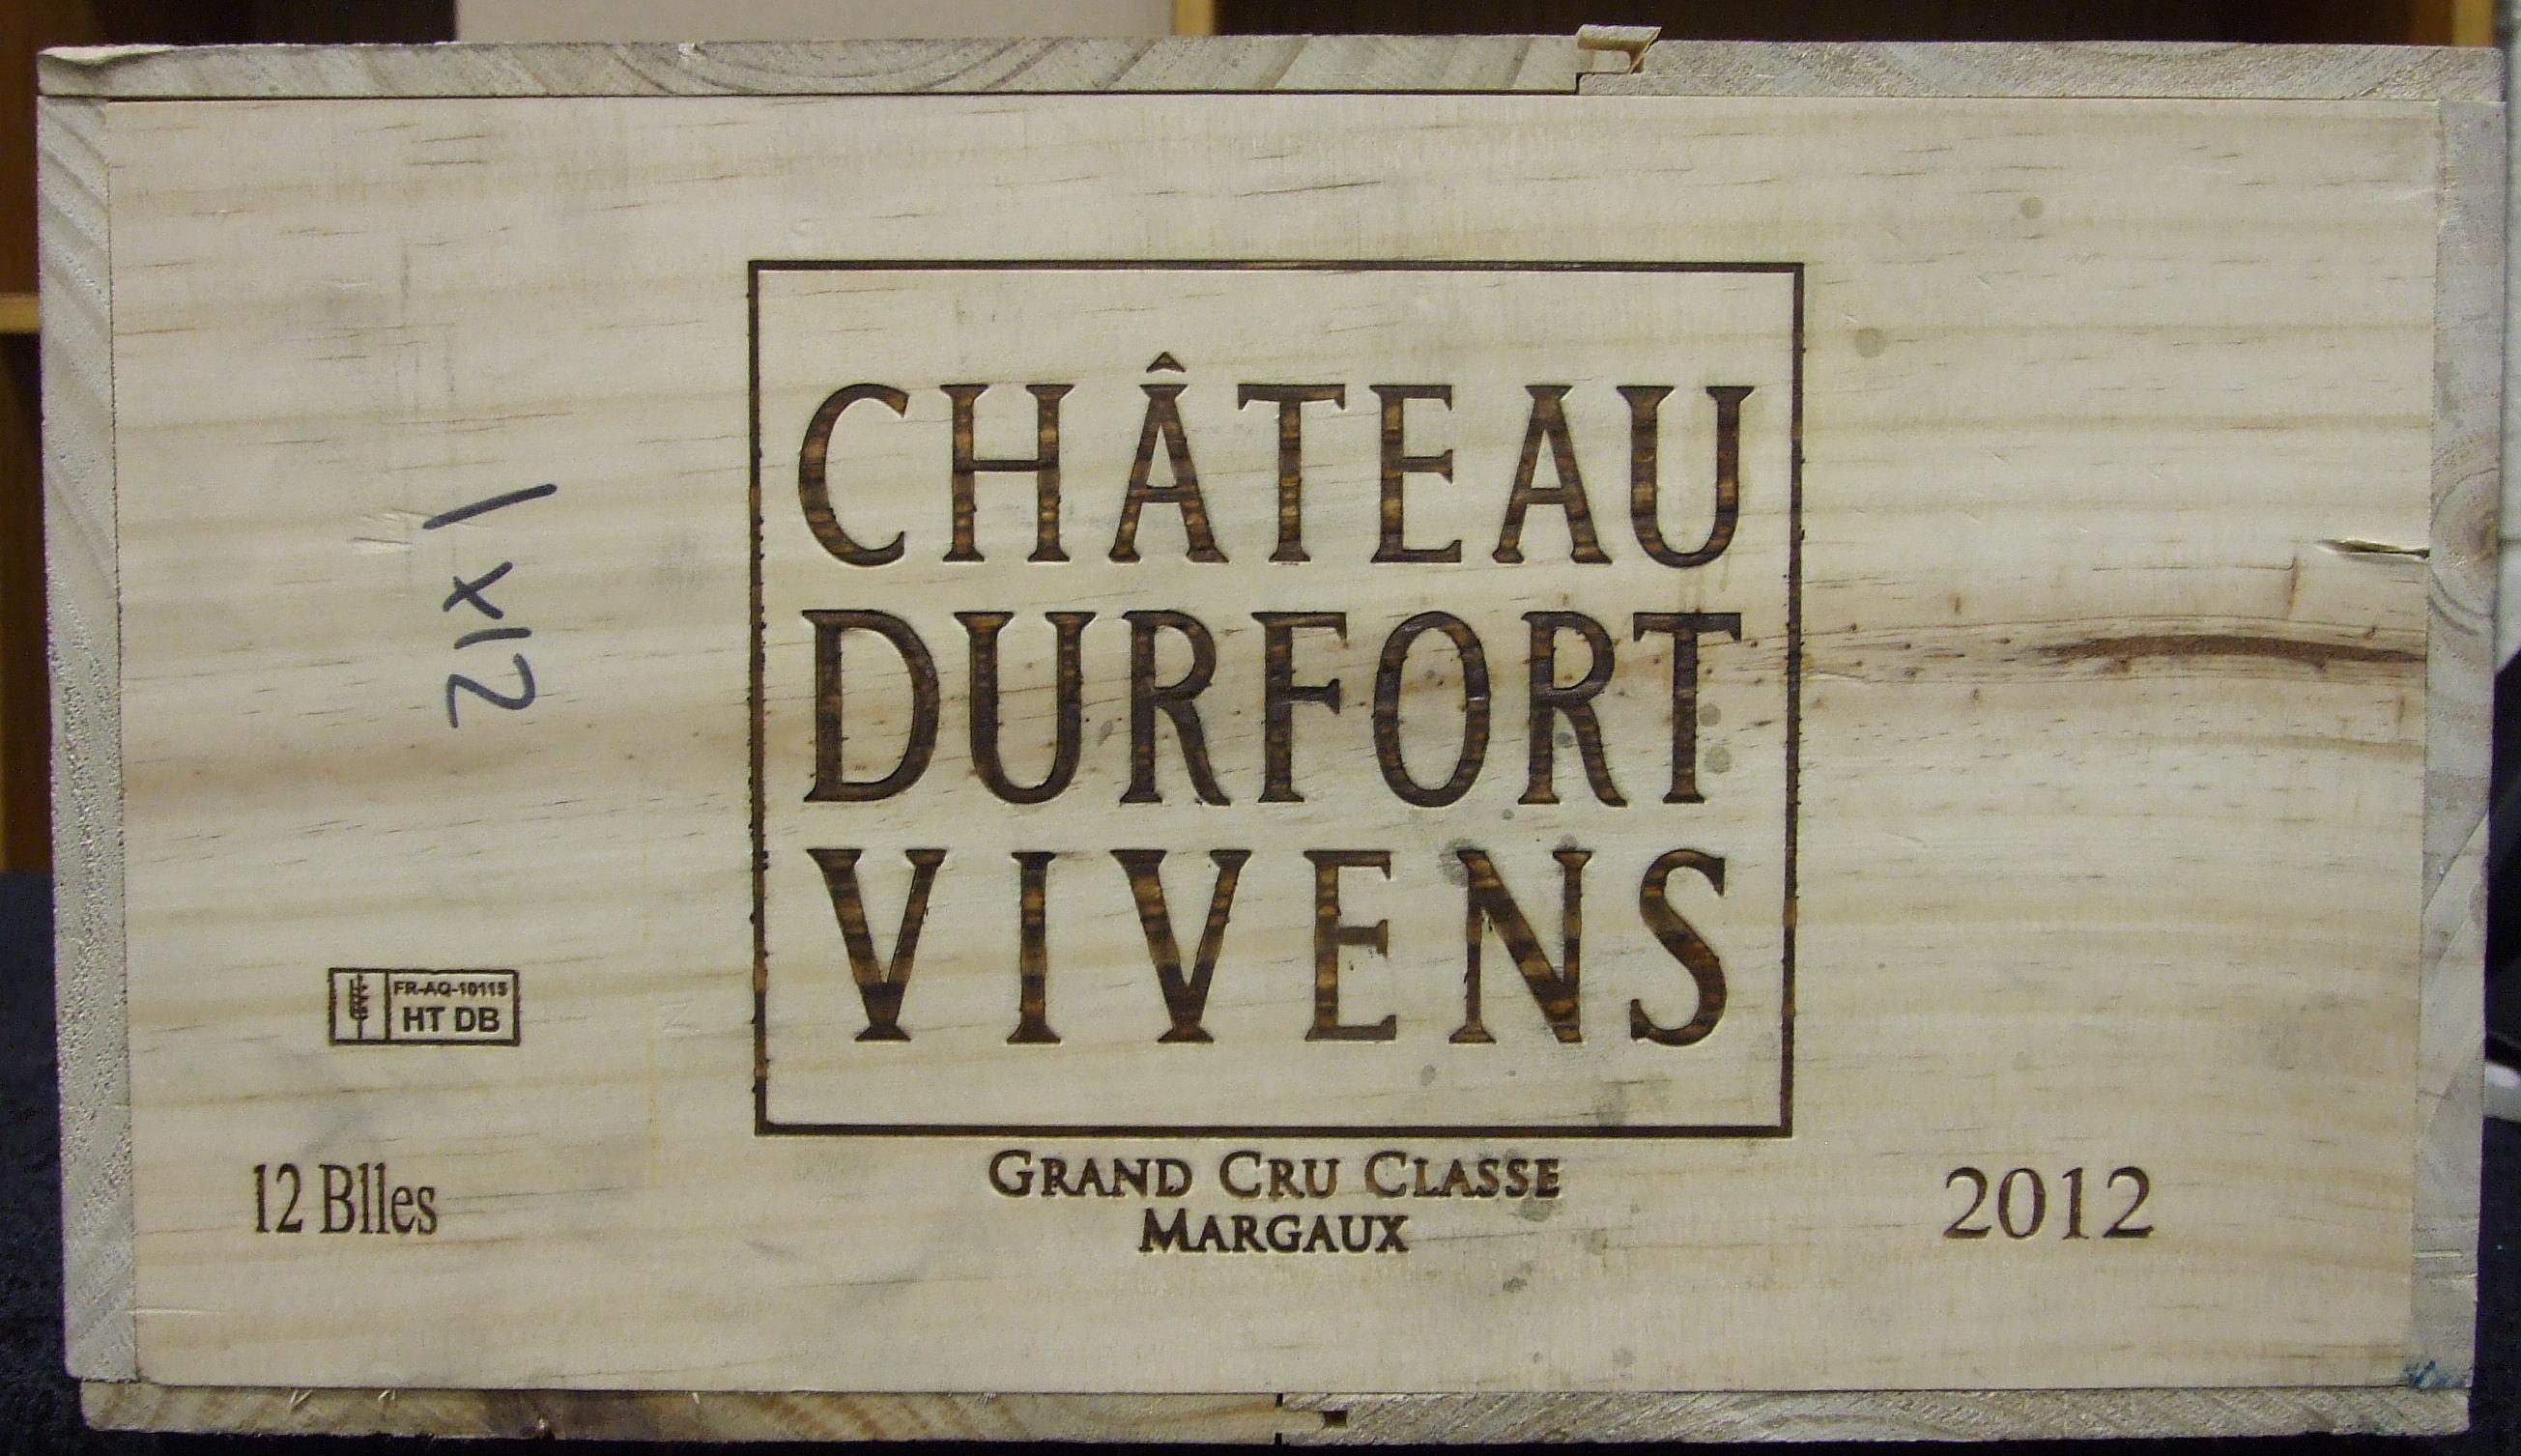 Lot 22 - Chateau Durfort Vivens Margaux 2012, twelve bottles, (12).